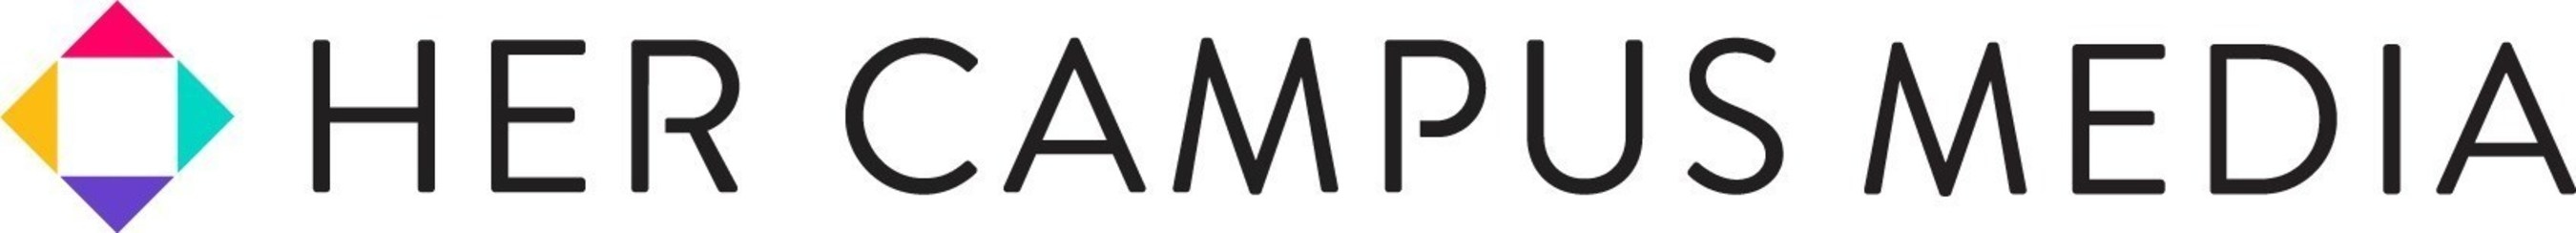 Her Campus Media logo